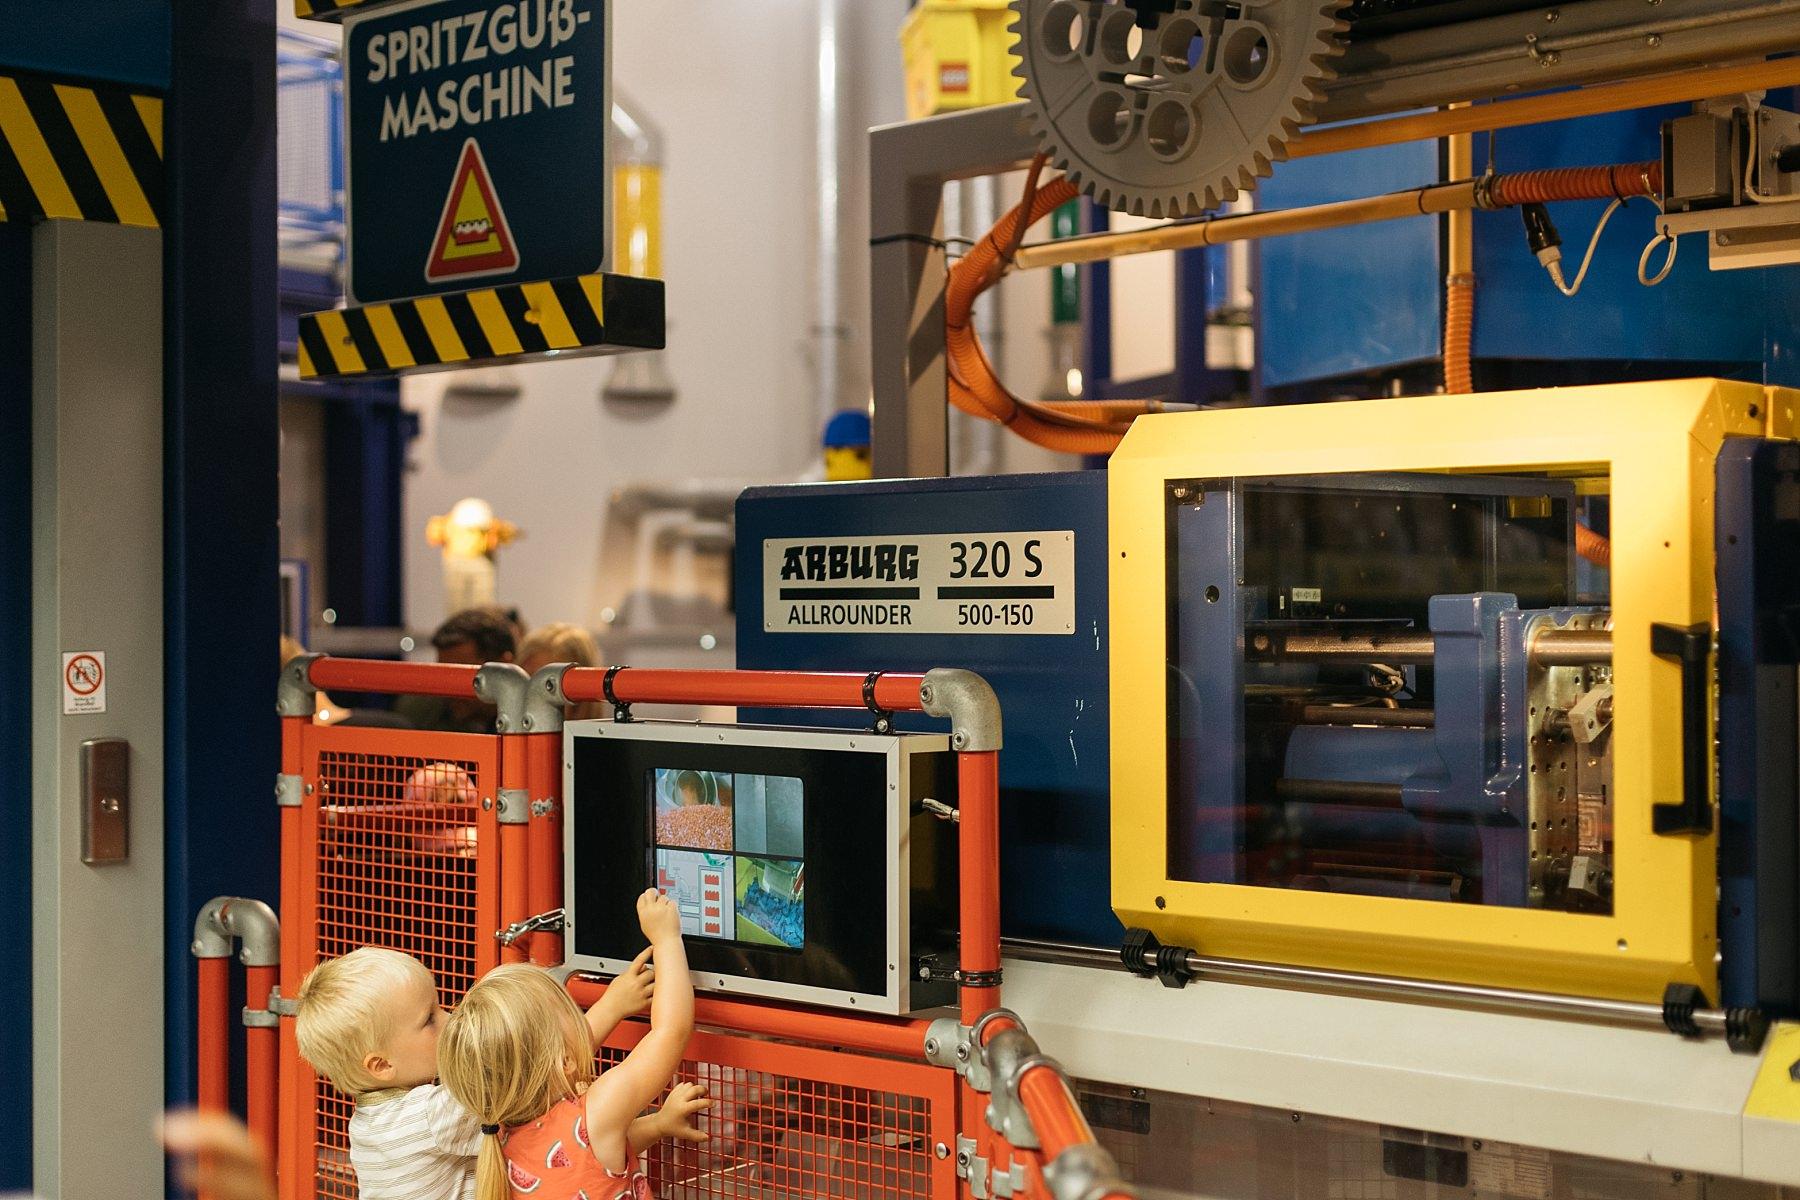 Legoland - 57 millions de briques Lego 44